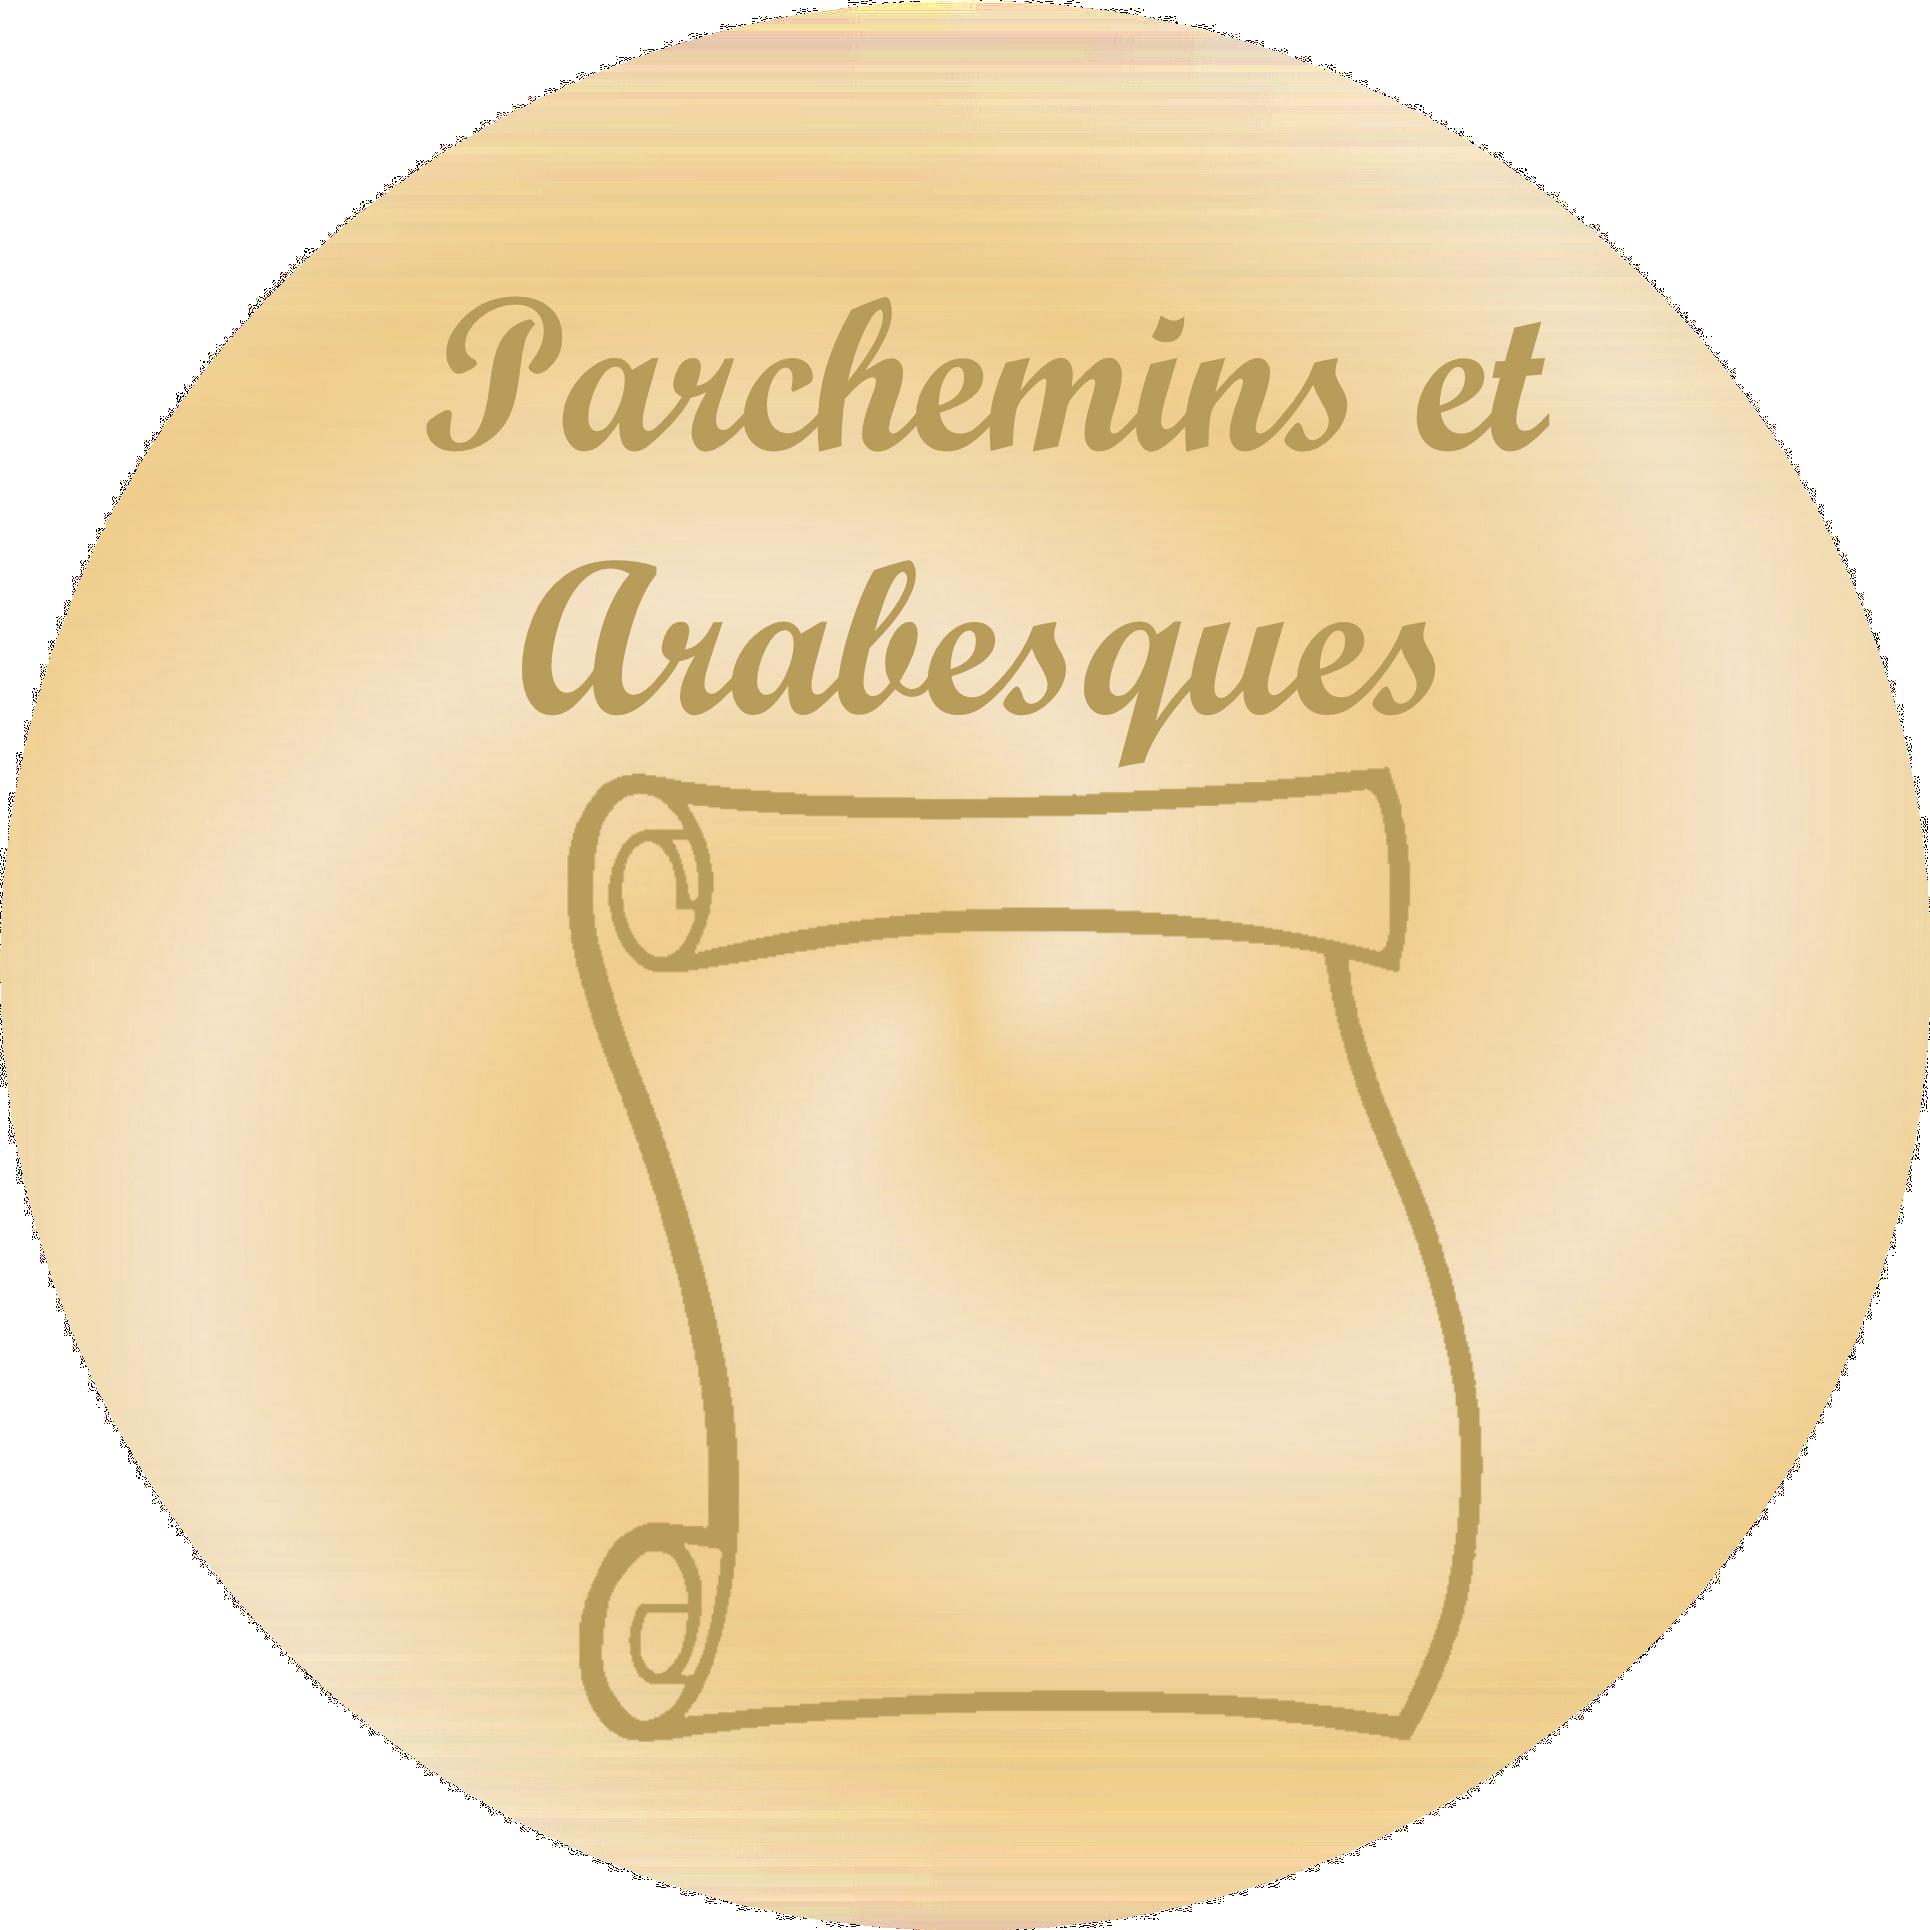 Parchemins et arabesques - Plaques funéraires gravées or